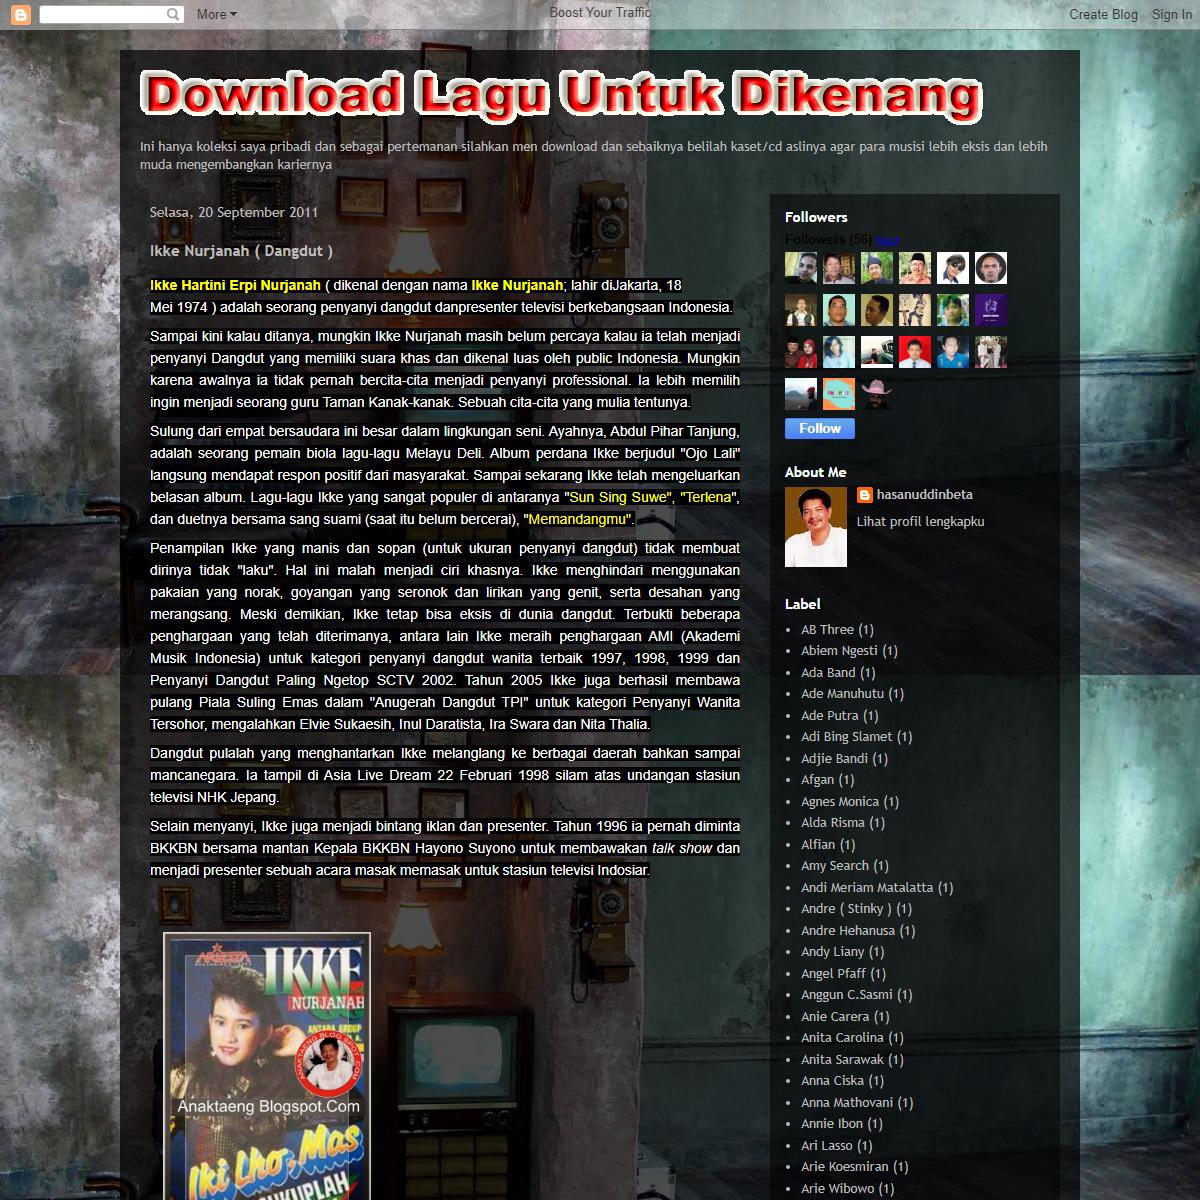 Download Lagu Untuk Dikenang (by Anak Taeng)- Ikke Nurjanah ( Dangdut )